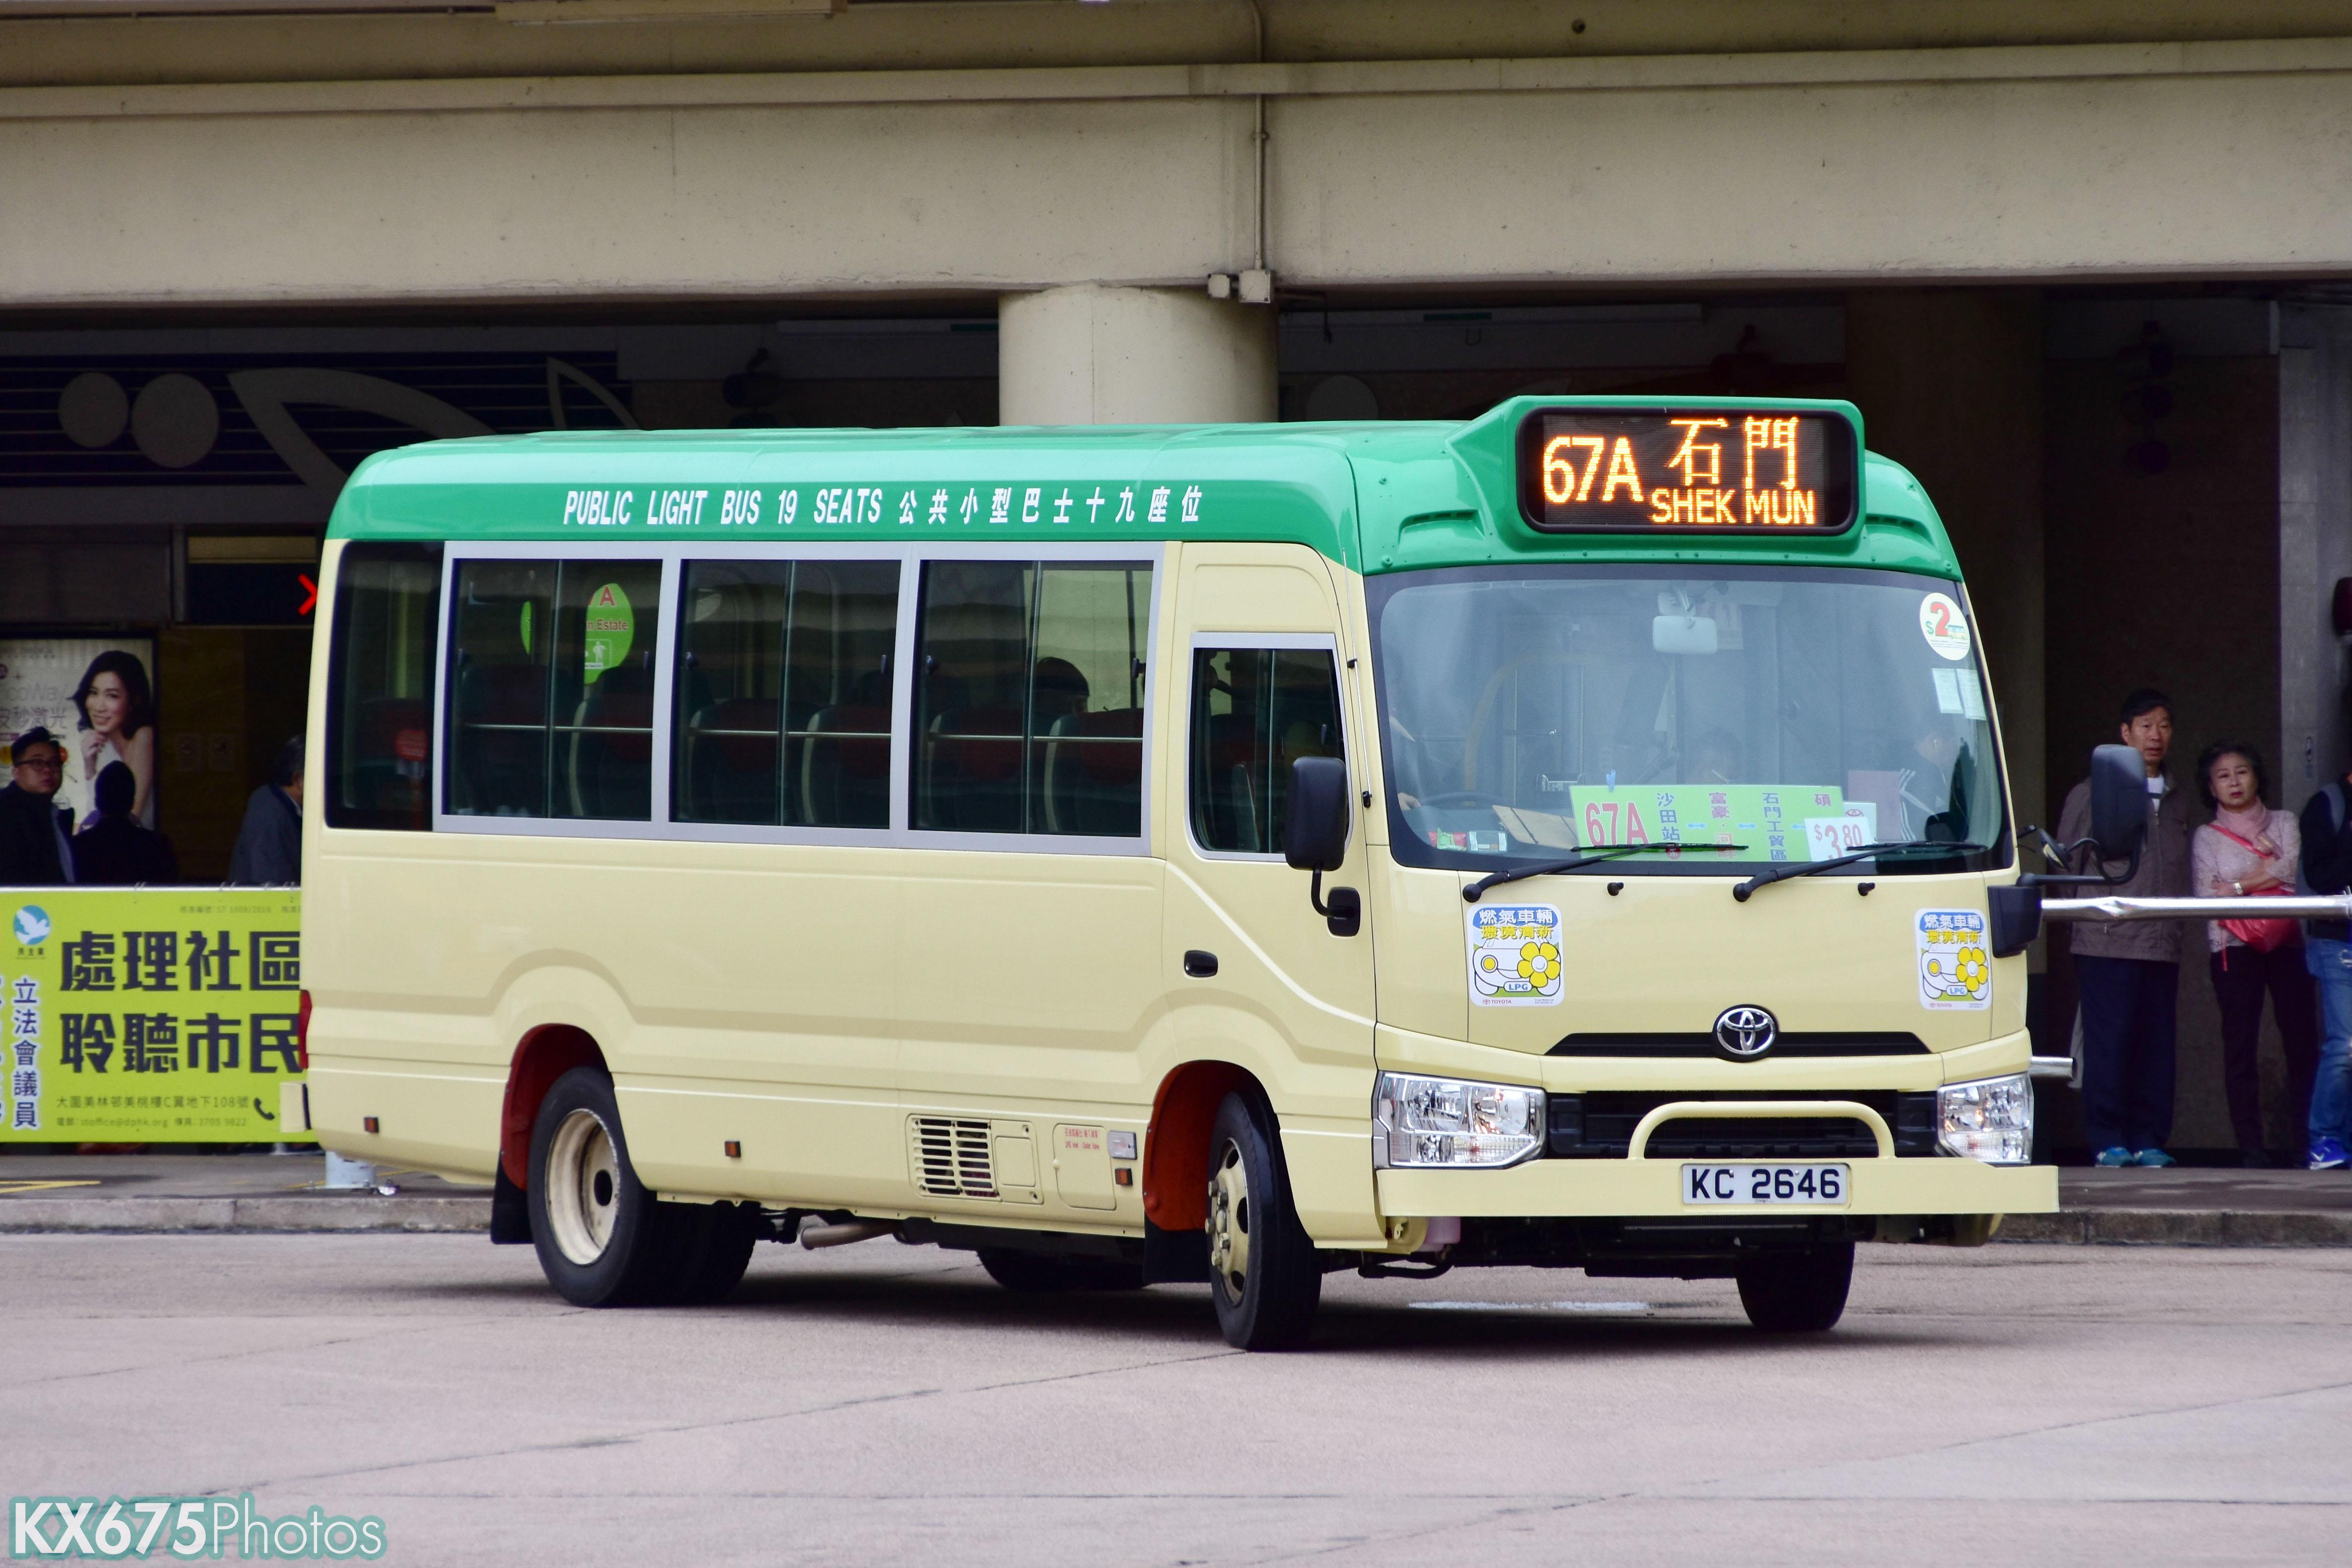 新界專綫小巴67A線